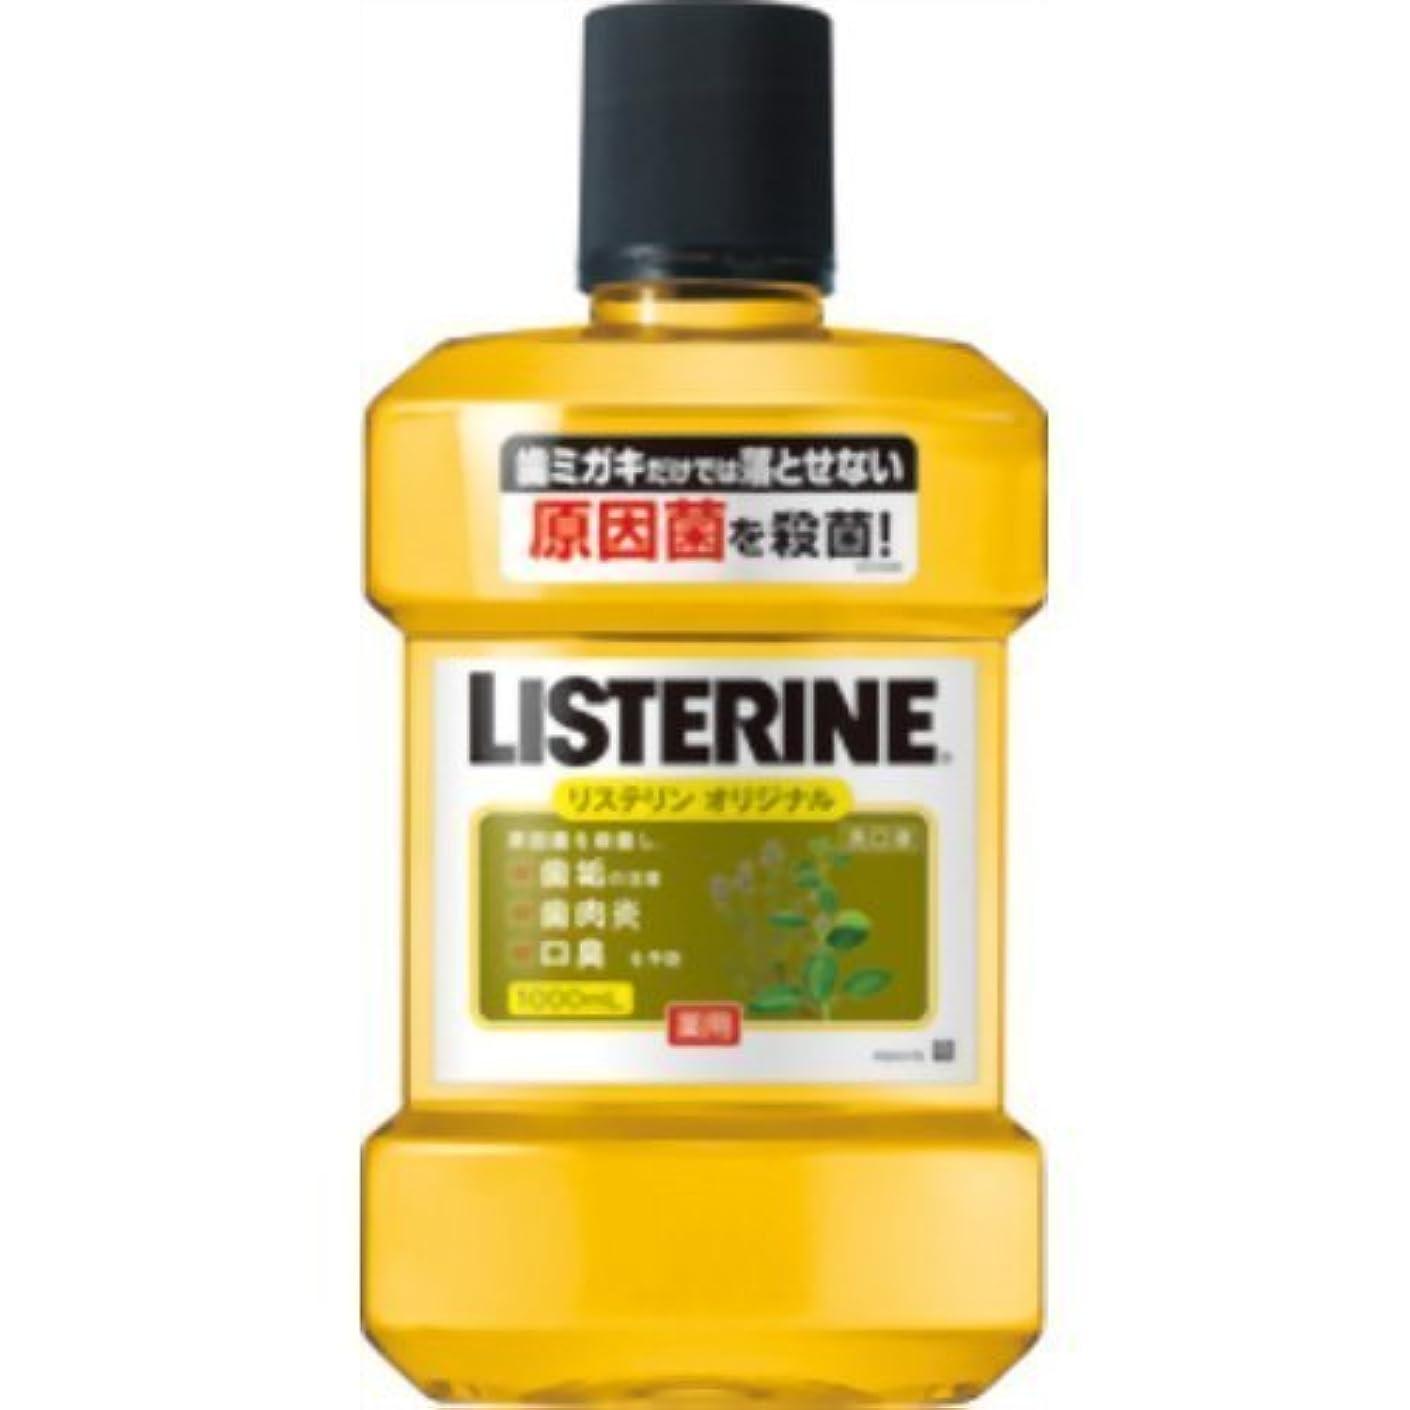 注文スカリー返済薬用リステリン オリジナル 1000ml ×3個セット